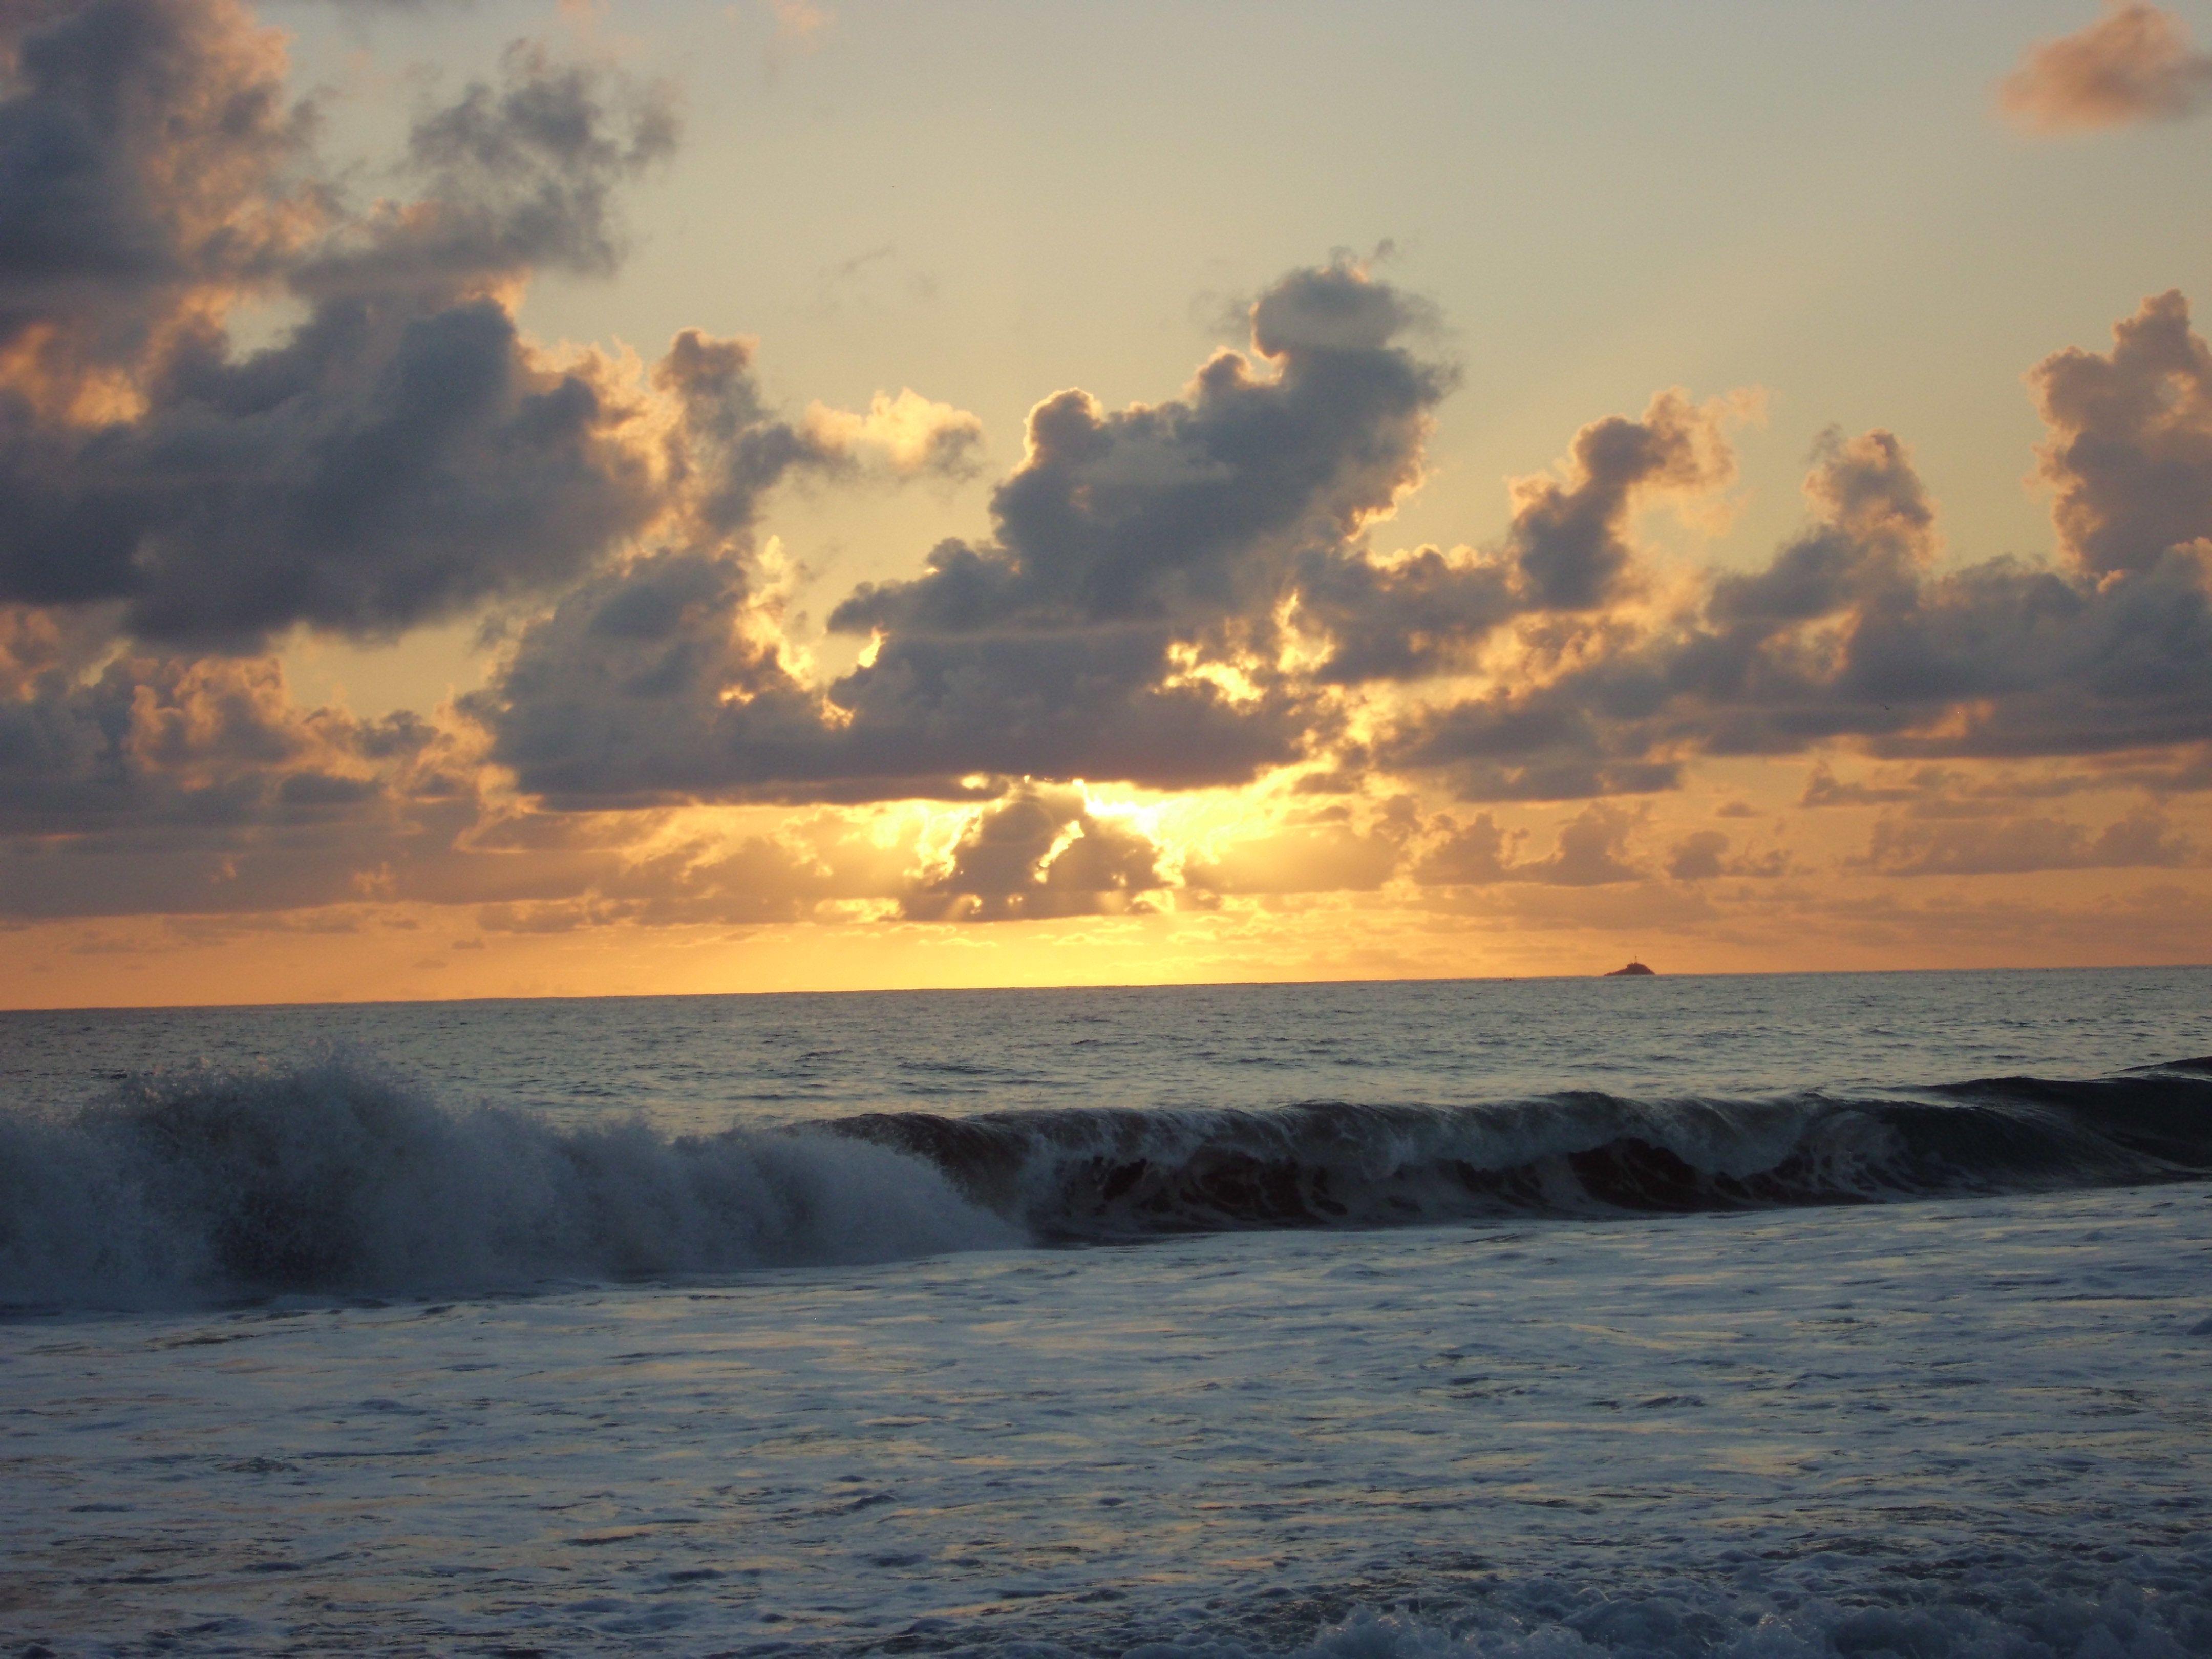 Playa Larga, una de las playas de Ixtapa Zihuatanejo más hermosas.